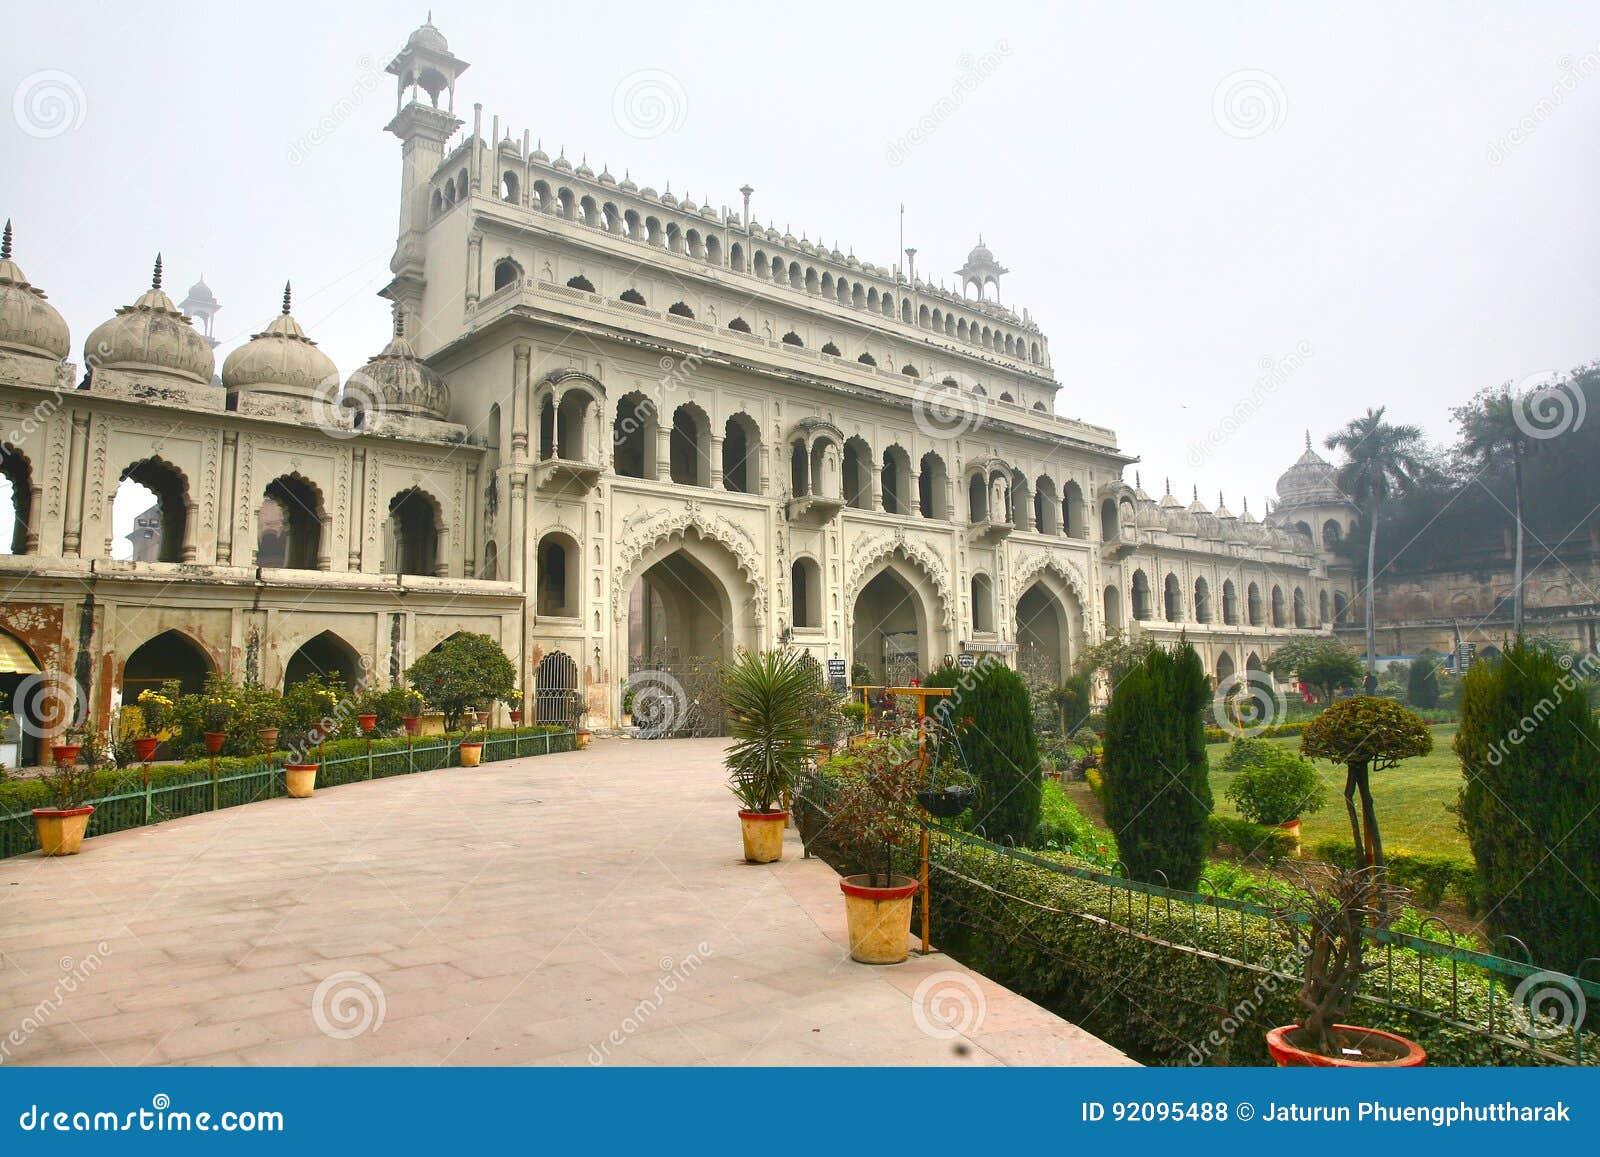 Bara Imambara är ett imambarakomplex i Lucknow, Indien